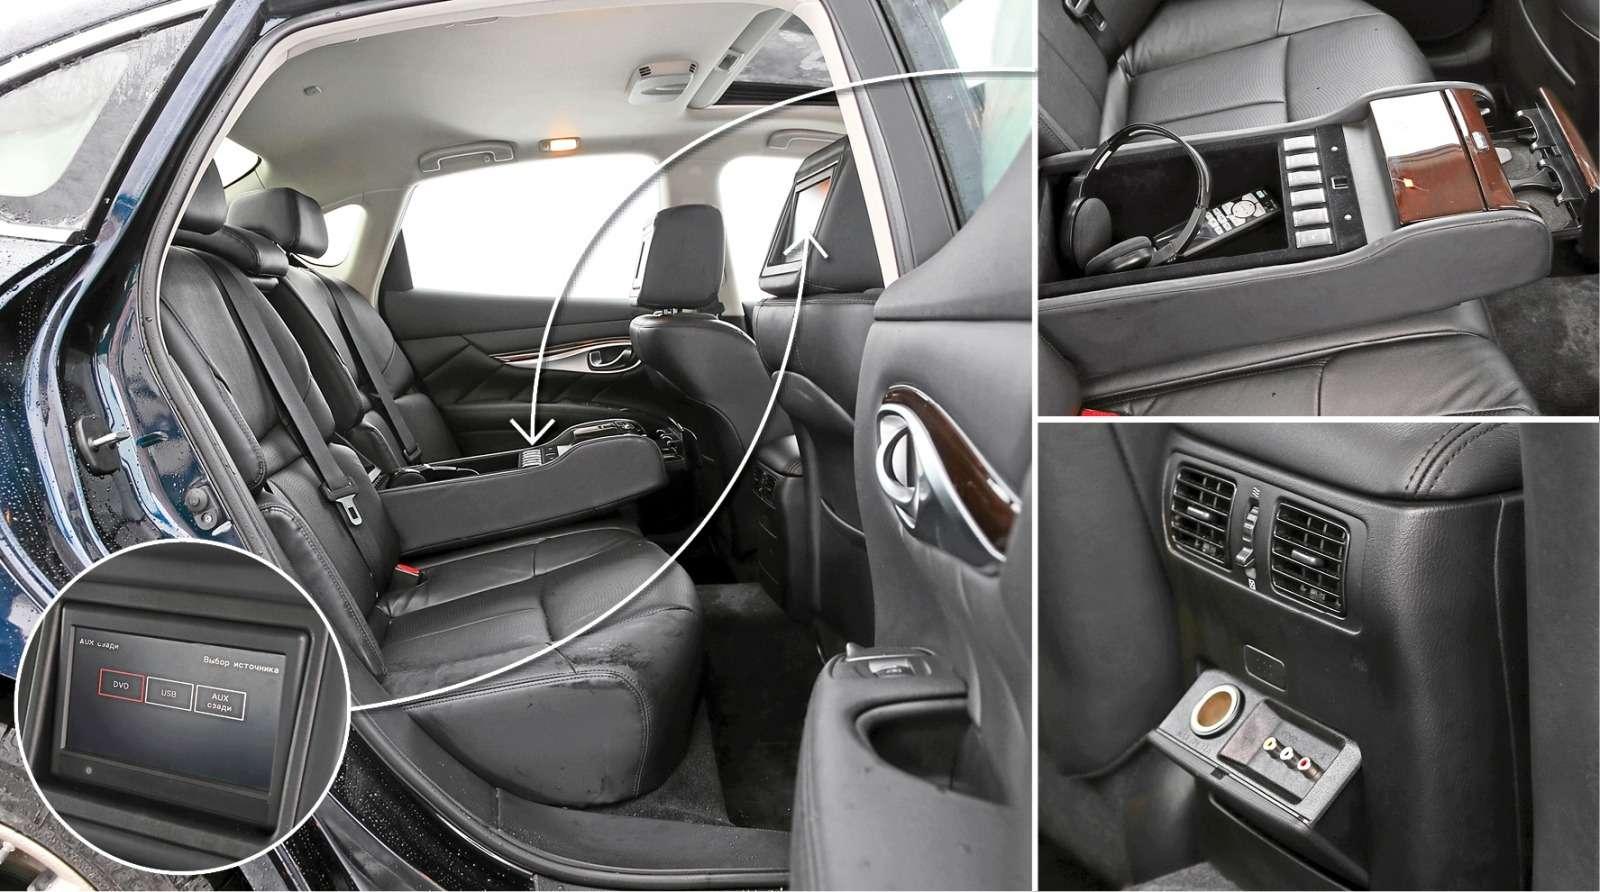 Схватка бизнес-седанов: новый Jaguar XFпротив Infiniti Q70и Cadillac CTS— фото 574925